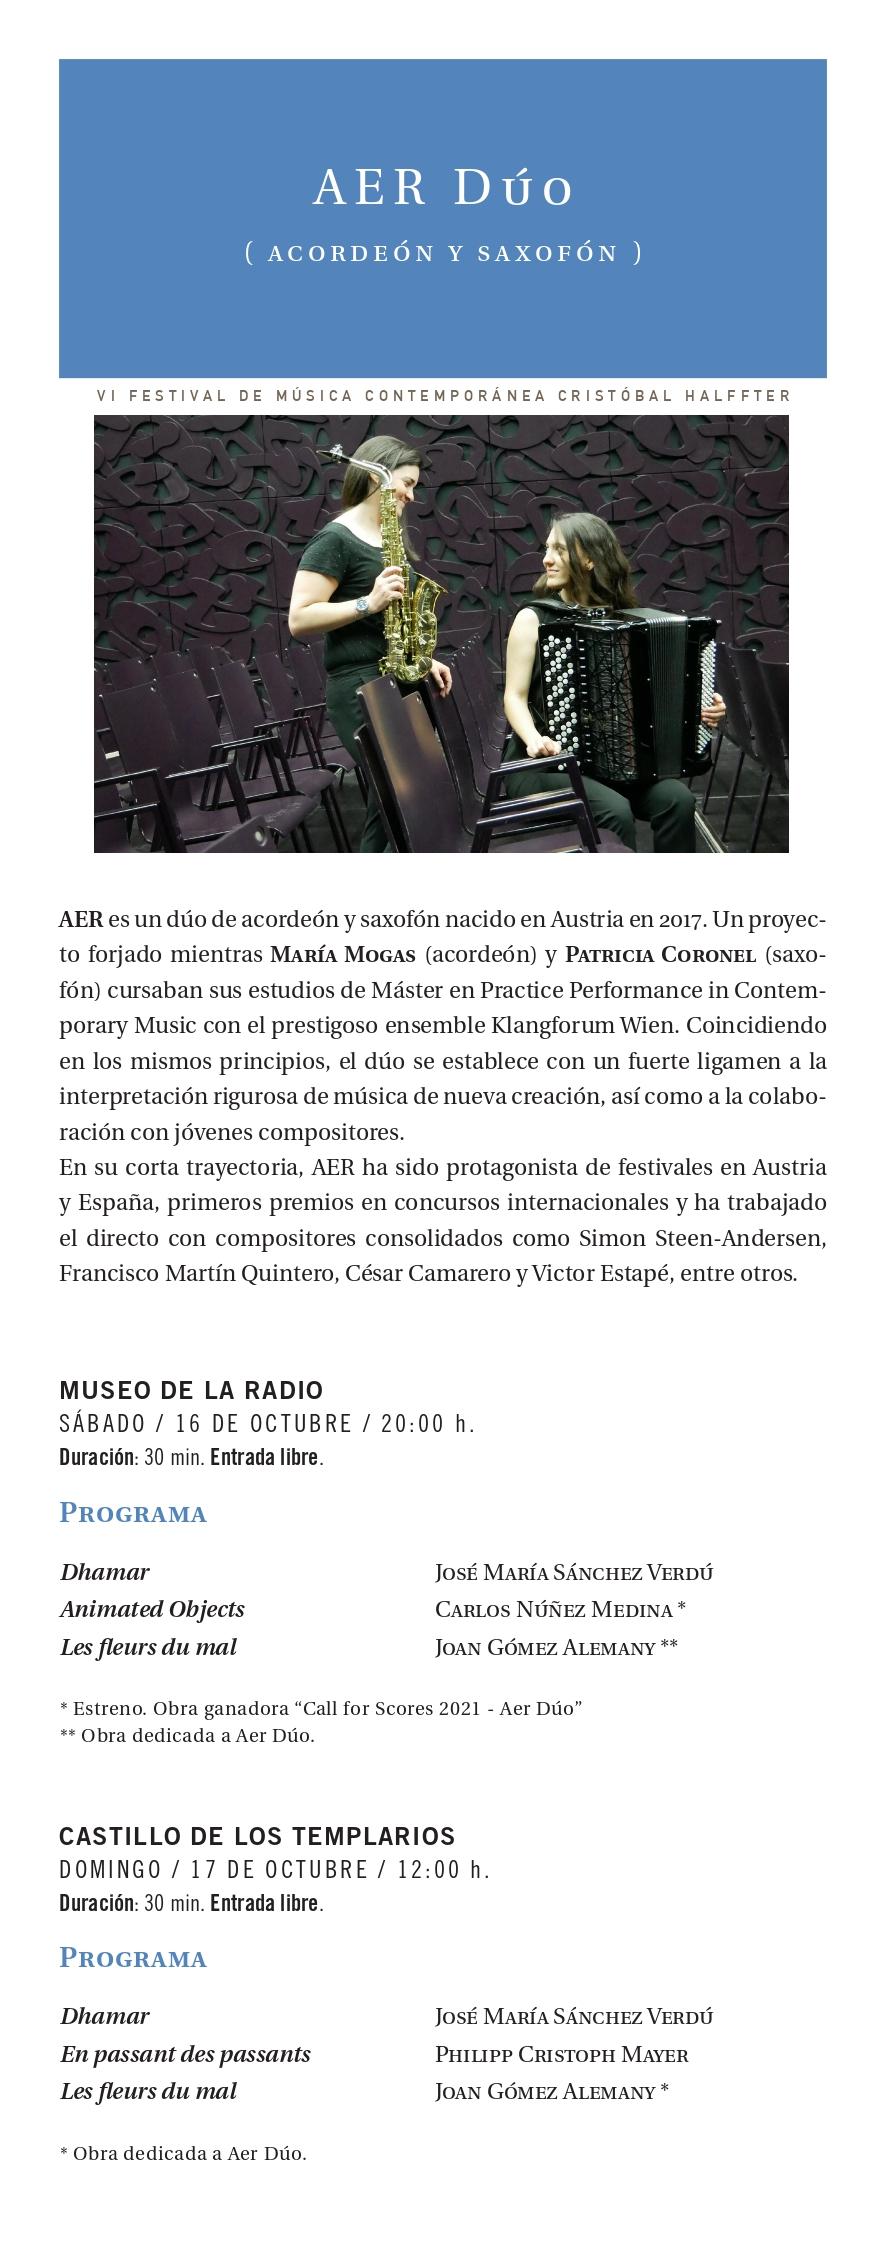 La sexta edición del Festival Cristobal Halfter repasa música del Siglo XX y XXI con estilos para todos los gustos 8